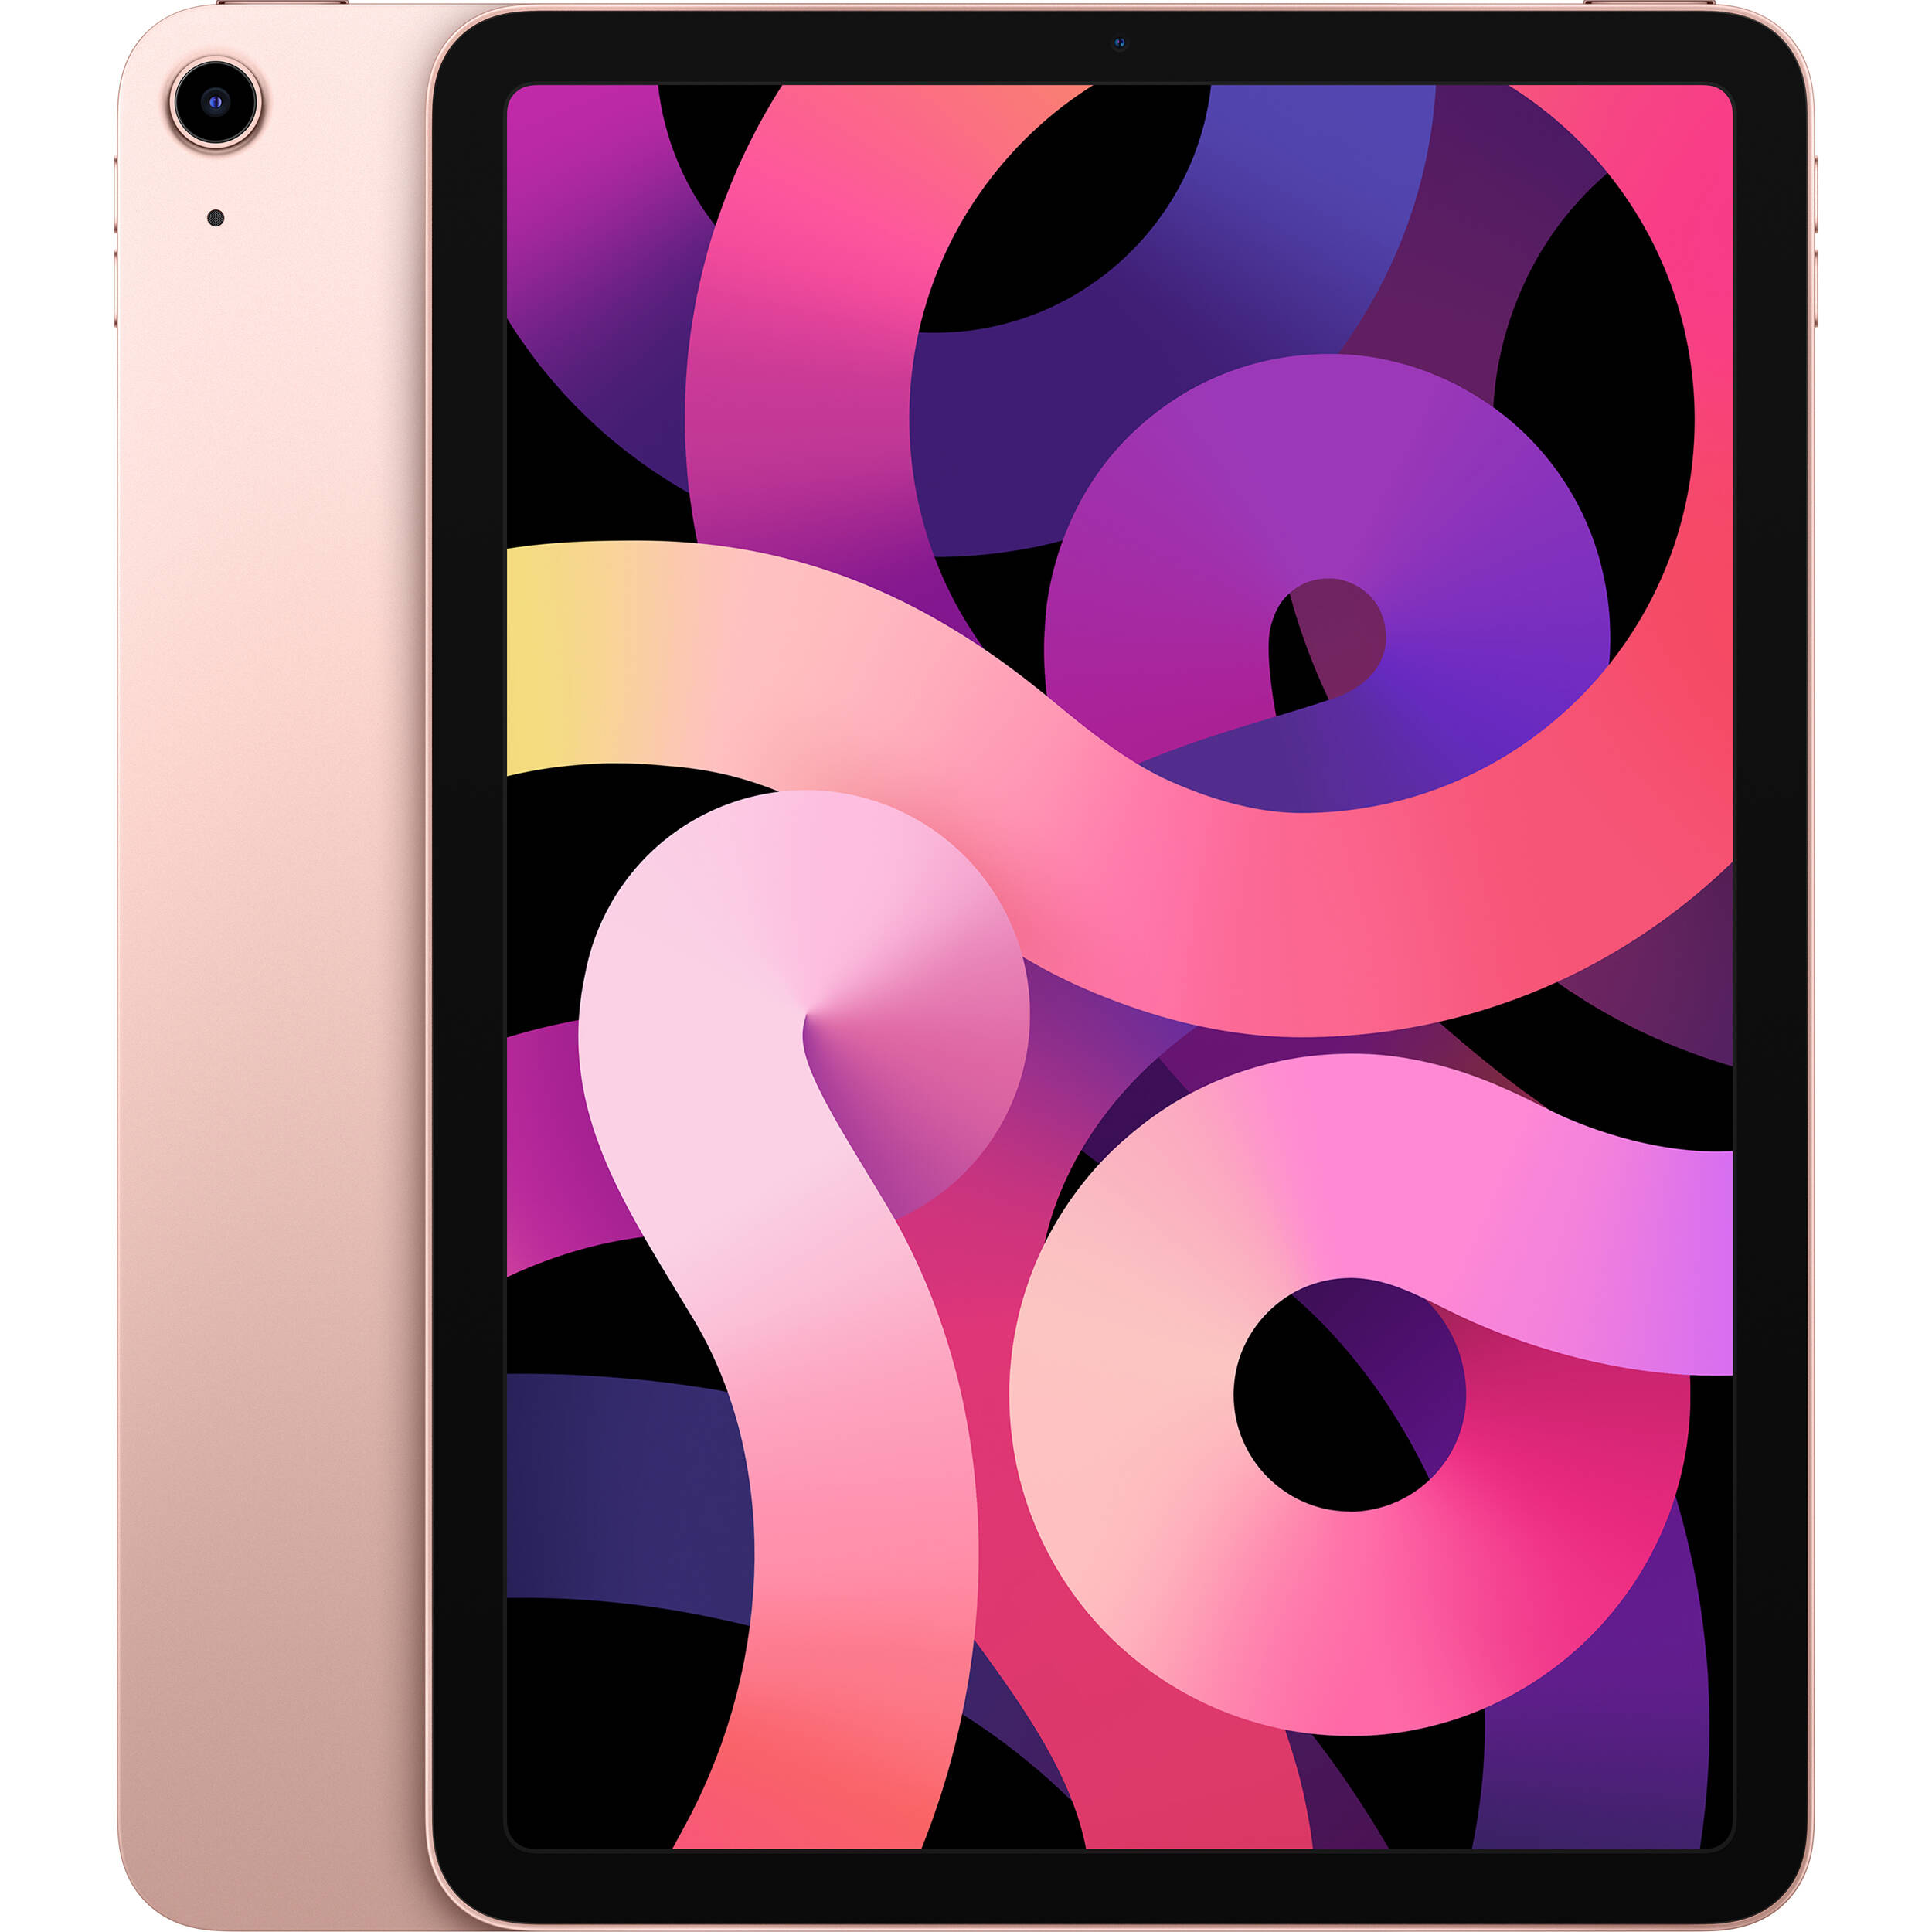 IPAD AIR 2020 64 GB MYFP2LL/A ROSE GOLD